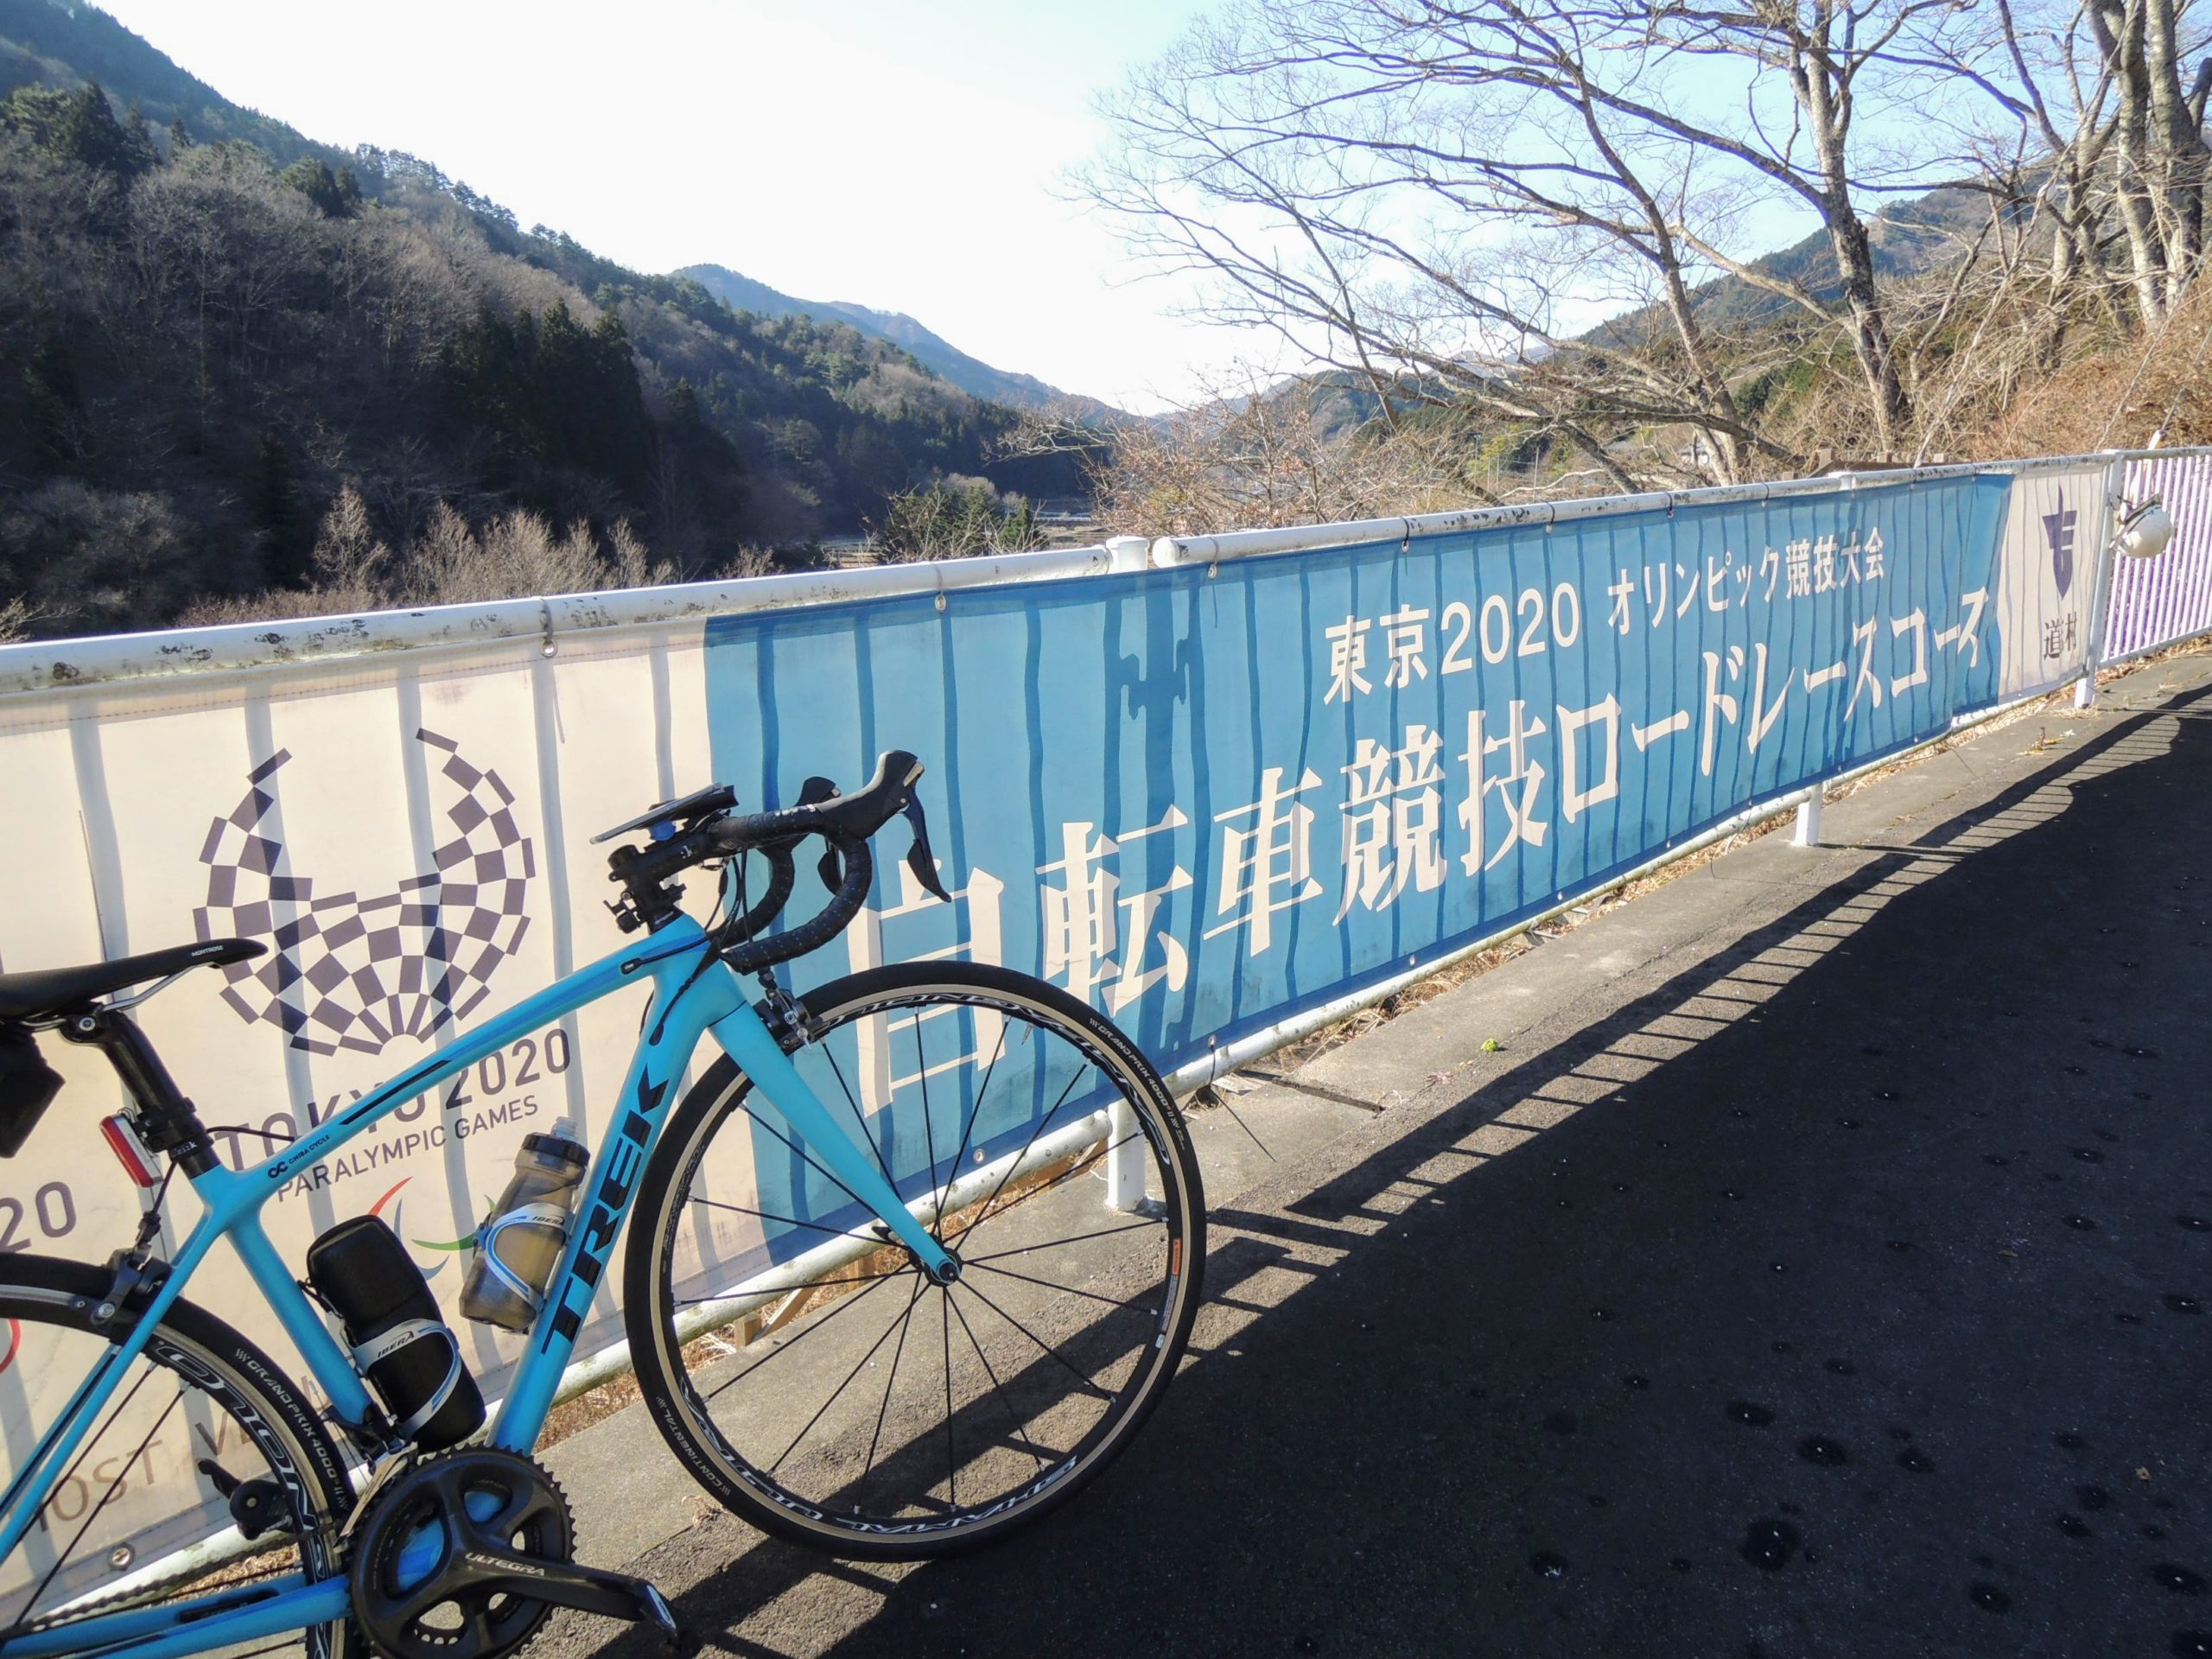 東京オリンピック自転車競技ロードレースコースの横断幕